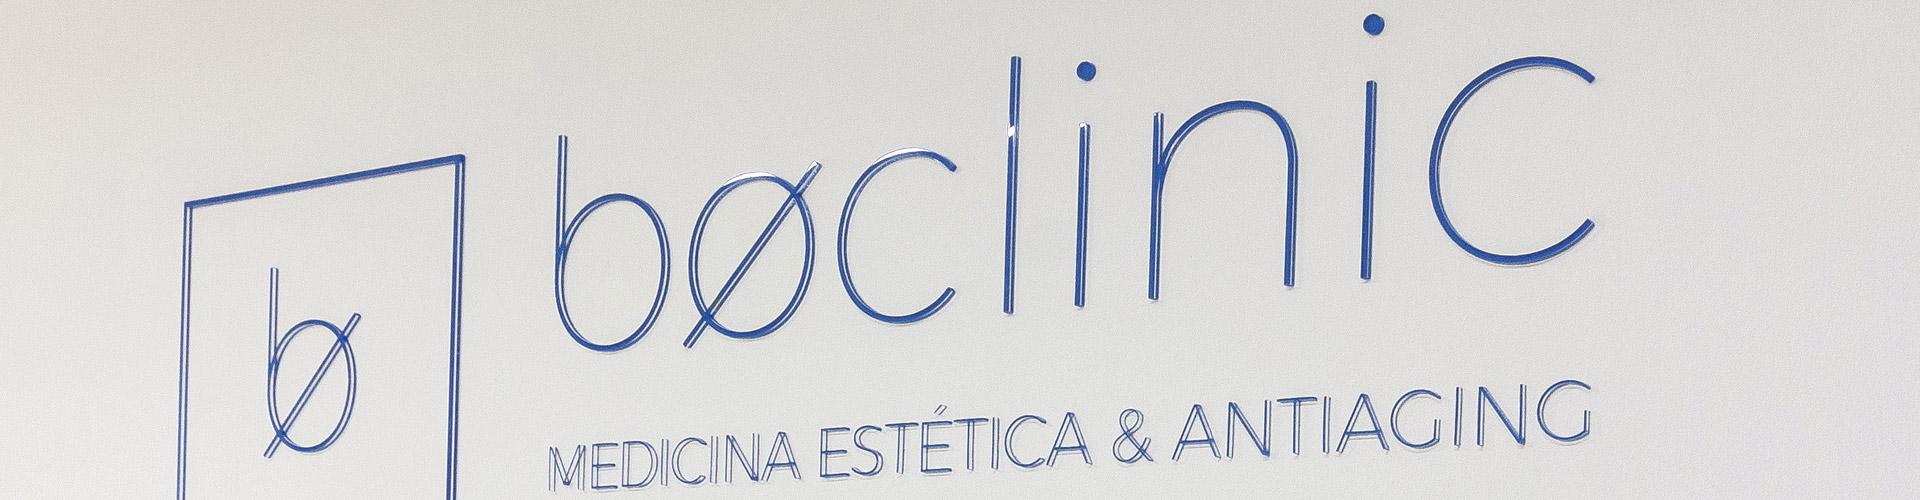 Medicina estética y antiaging en Zaragoza